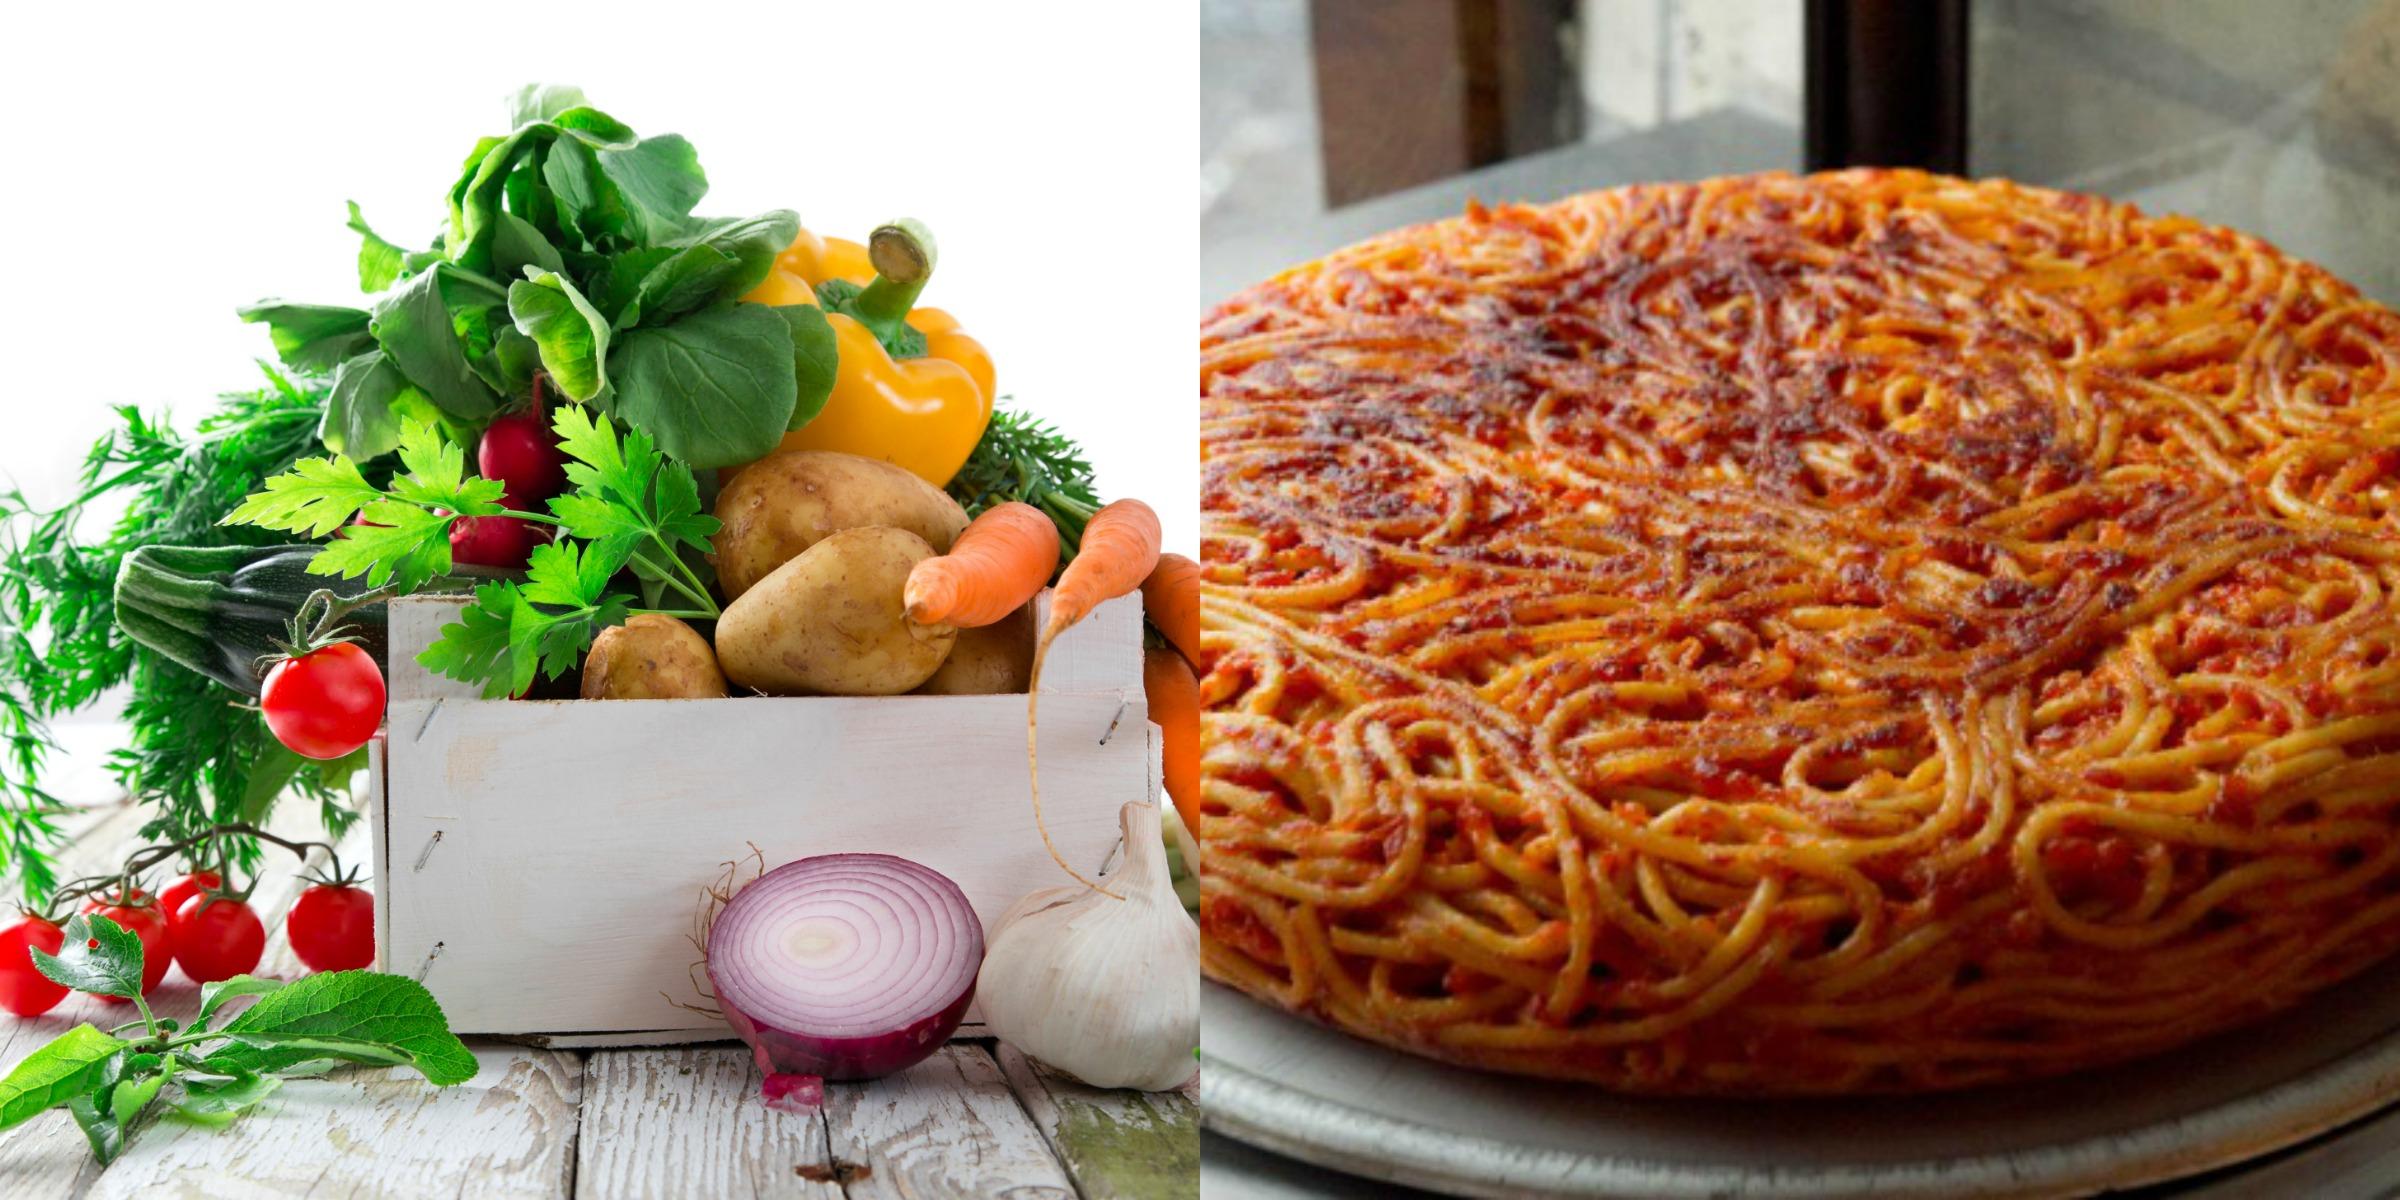 Cibo riciclato ricette gourmet con gli avanzi tablettv for Ricette di cibo